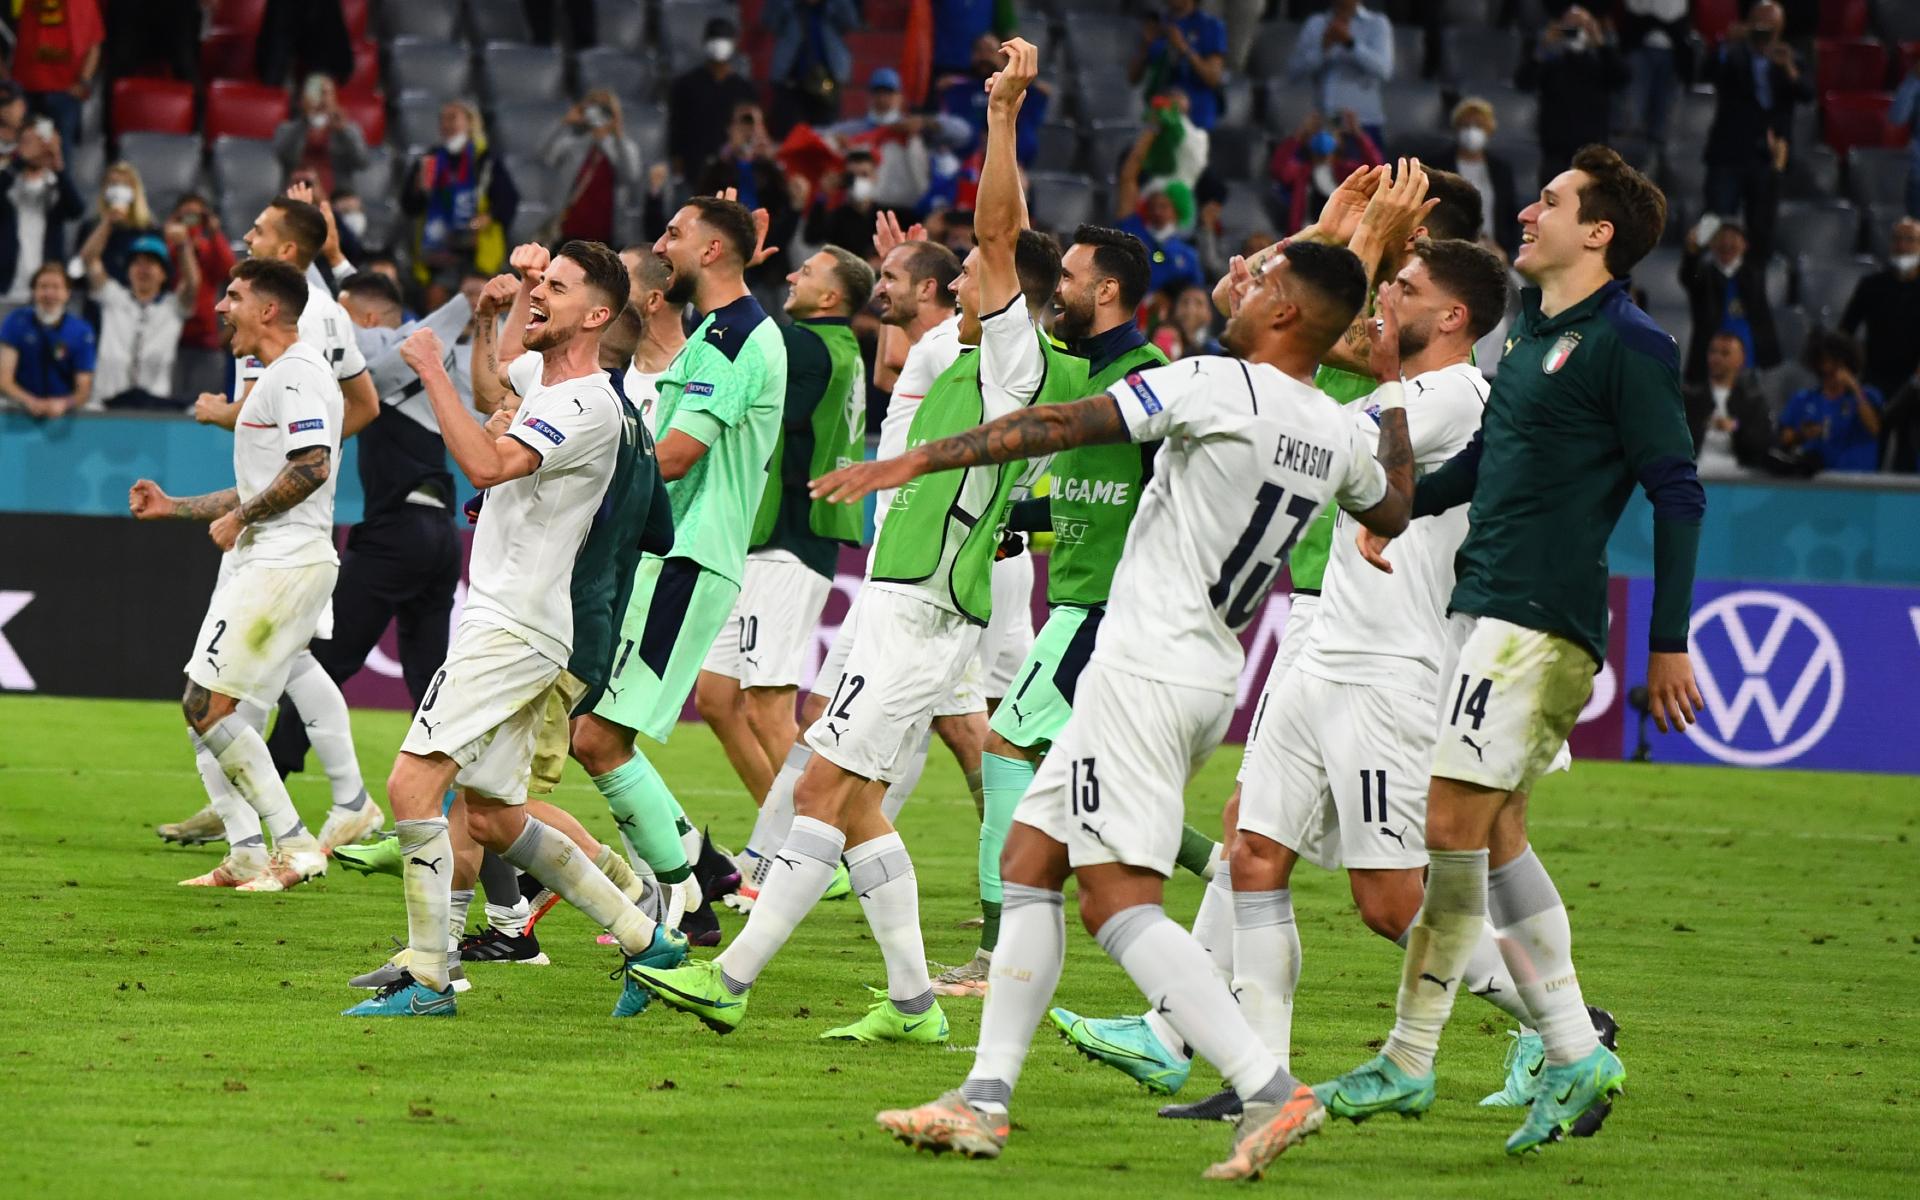 Сборная Италии после победы в матче 1/4 финала с командой Бельгии